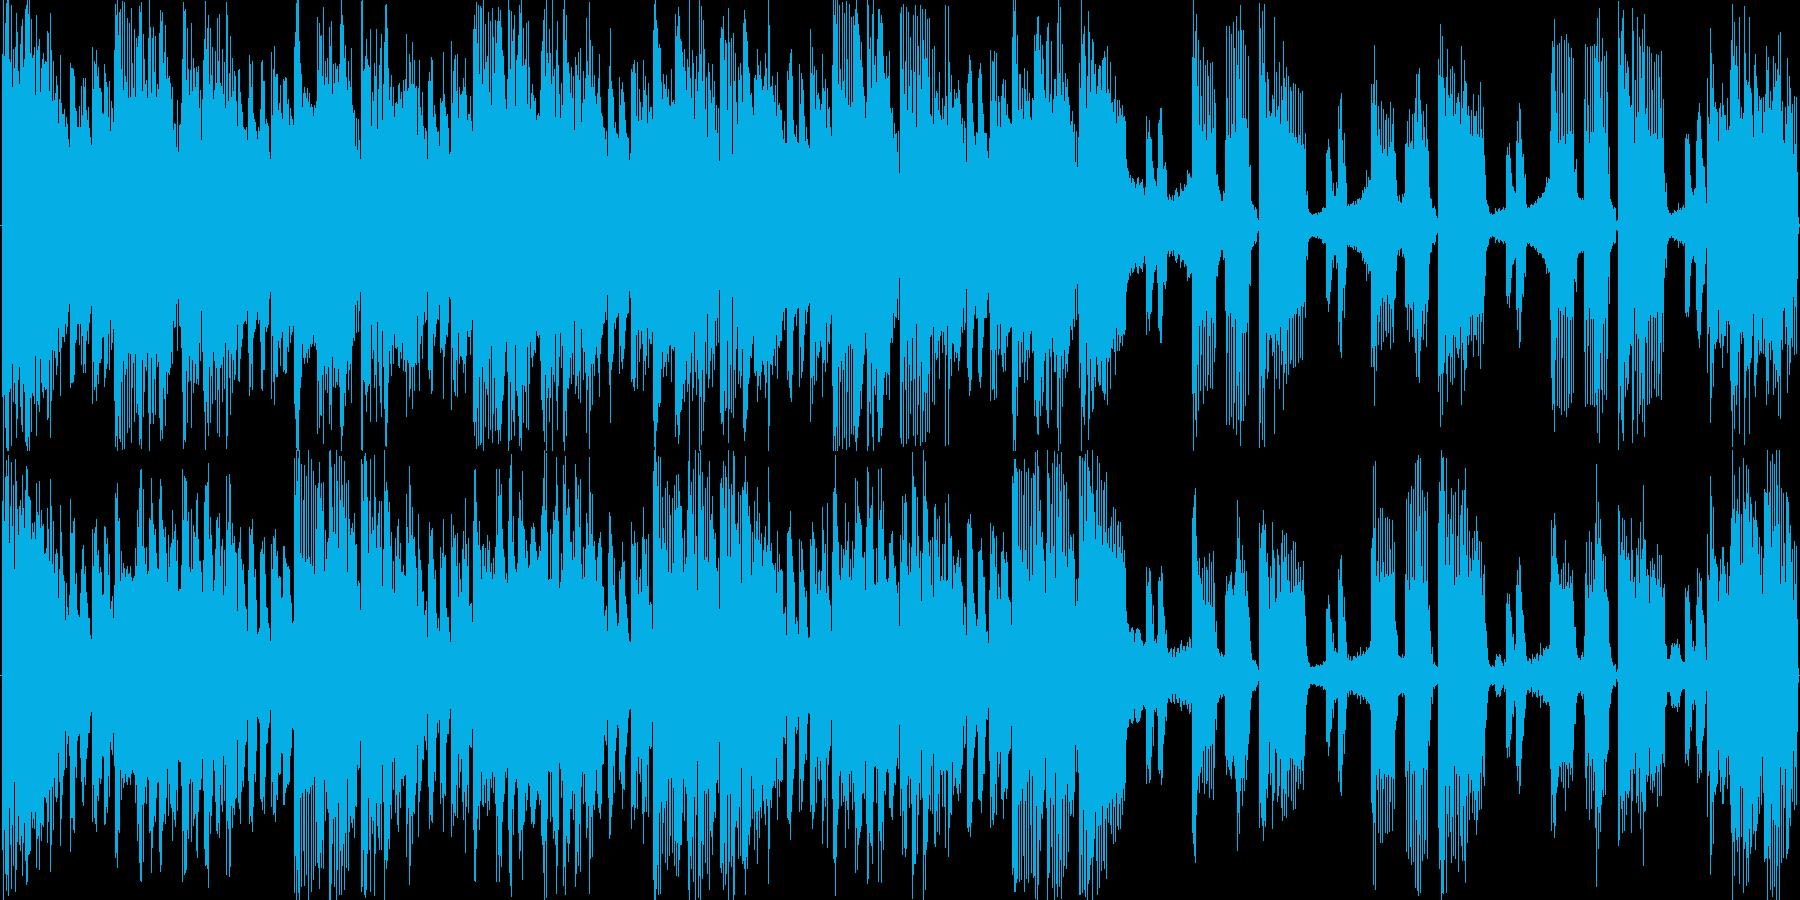 ベースリフが強烈なループ素材の再生済みの波形